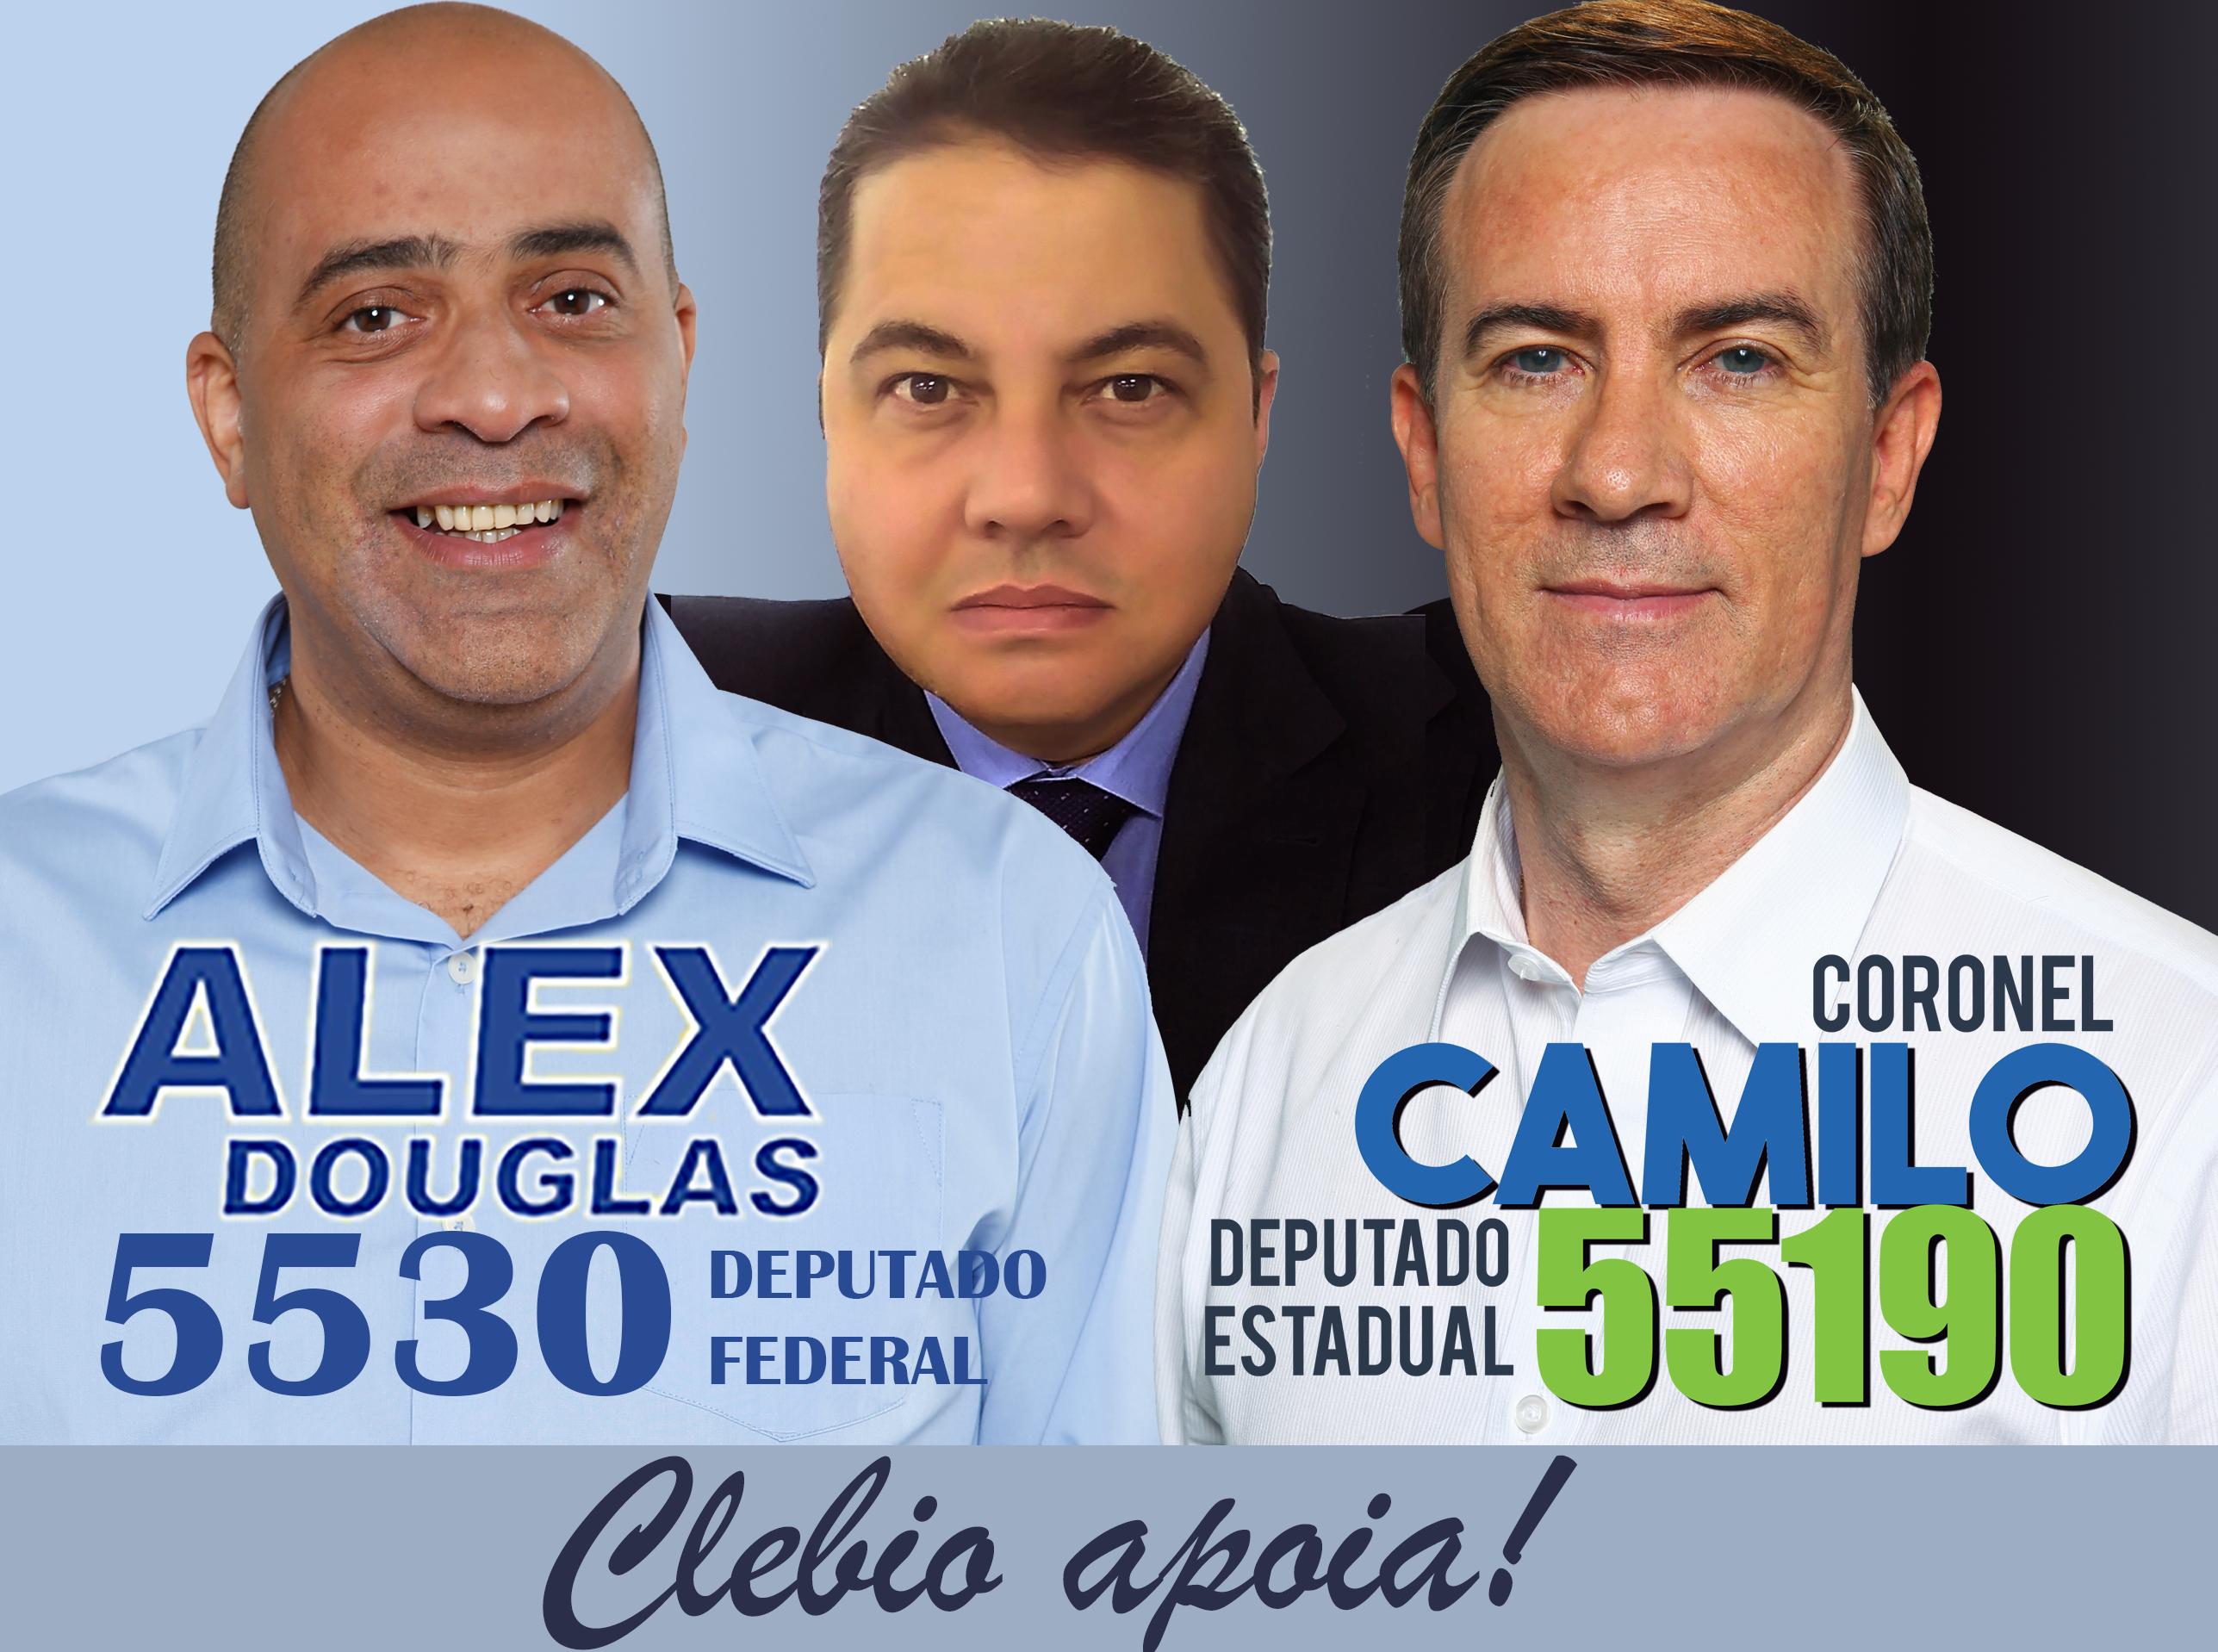 Clebio